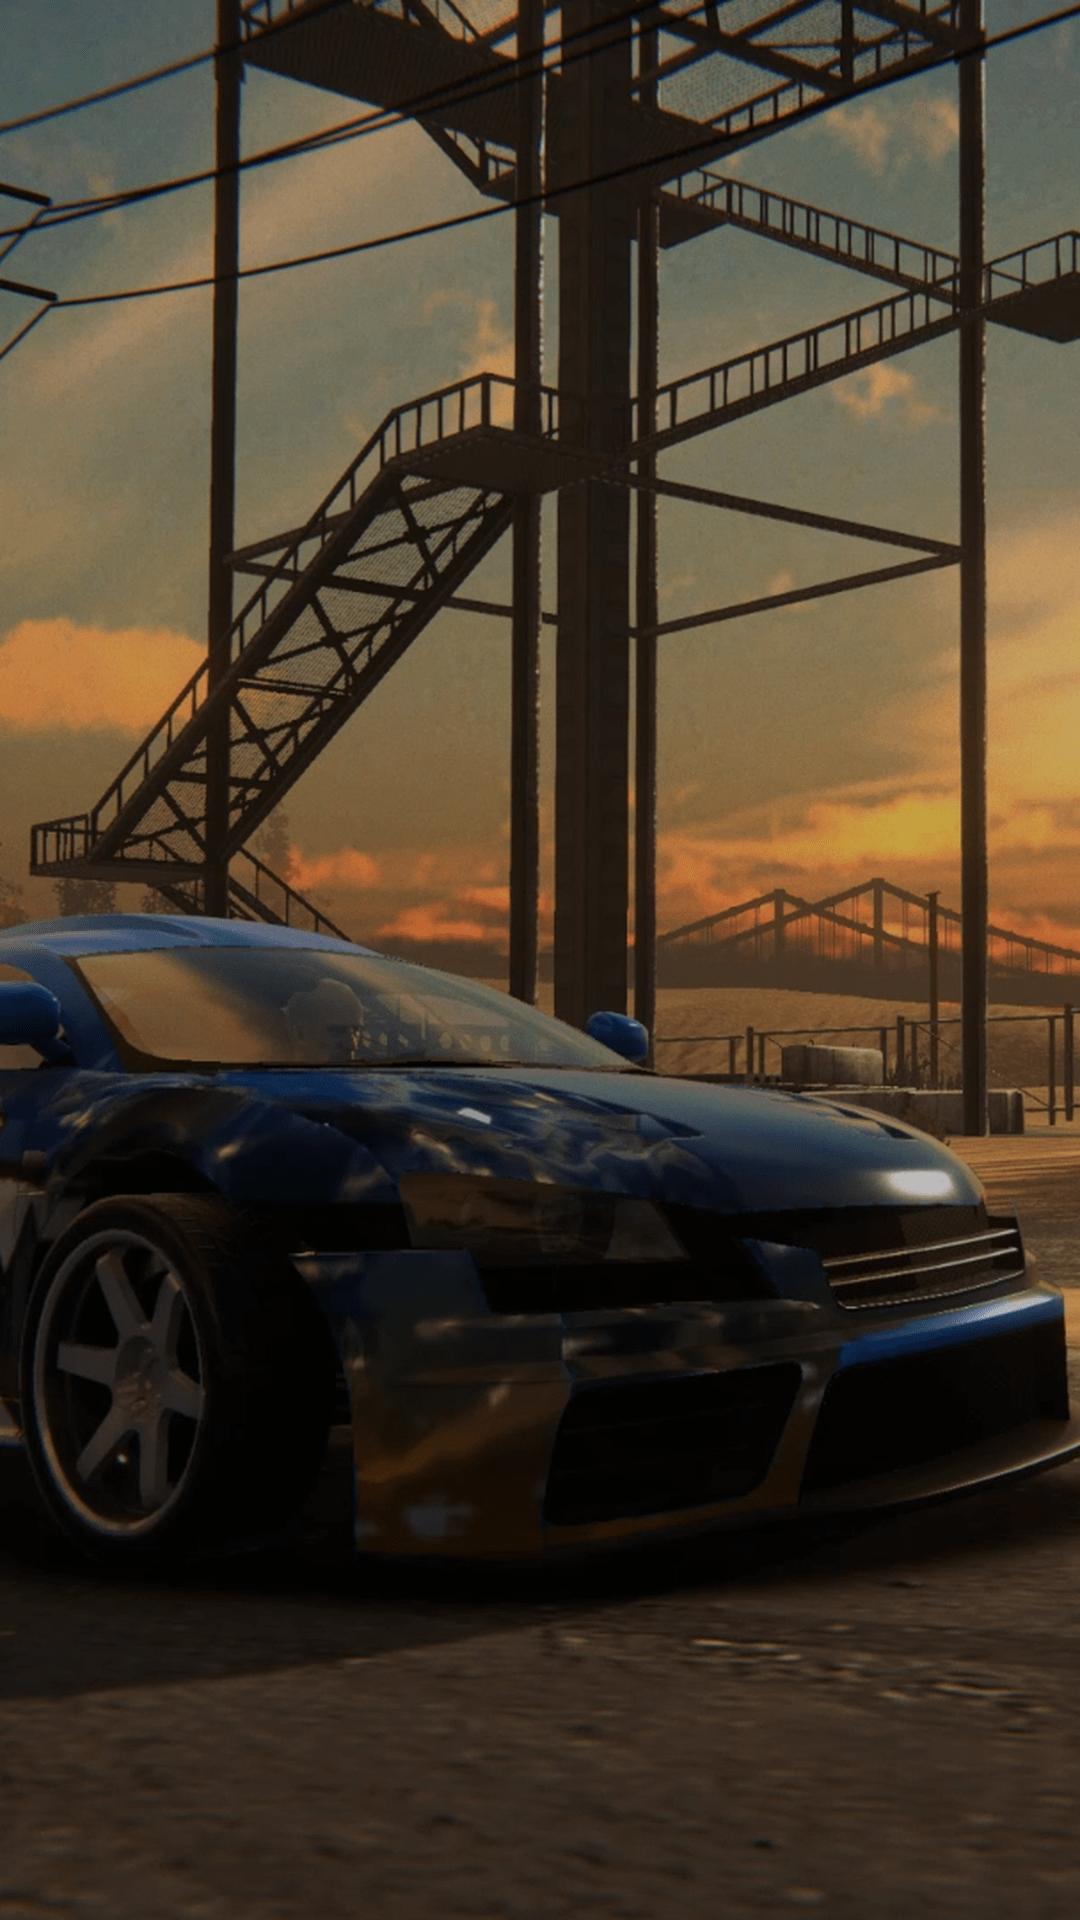 火力全开2:城市狂热游戏